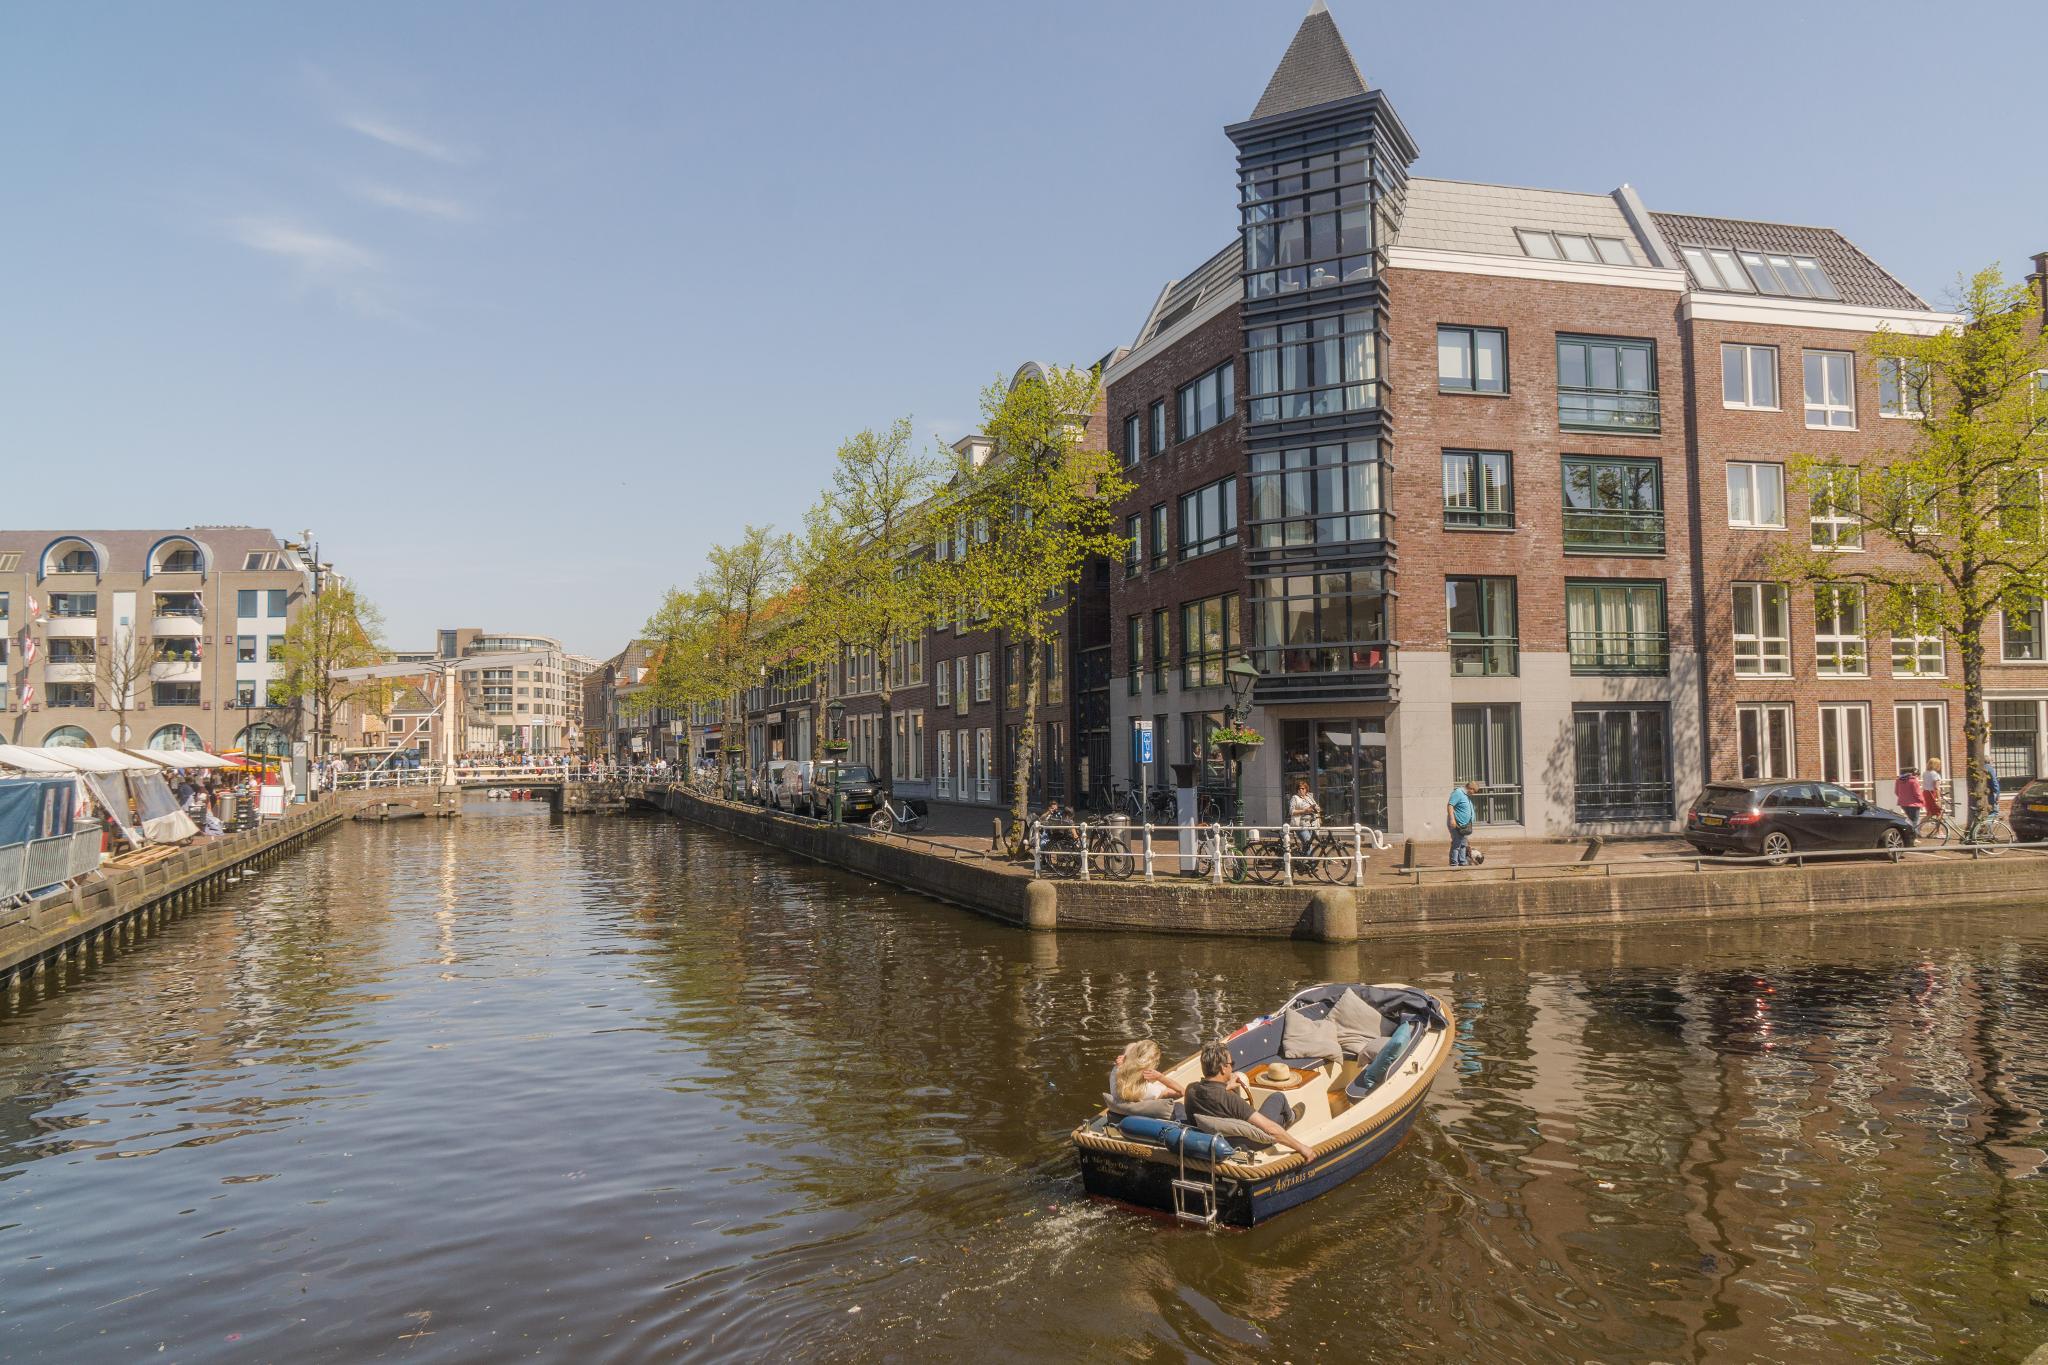 【荷蘭印象】體驗道地的荷式風情 — Alkmaar 起司市集 散步路線整理 32